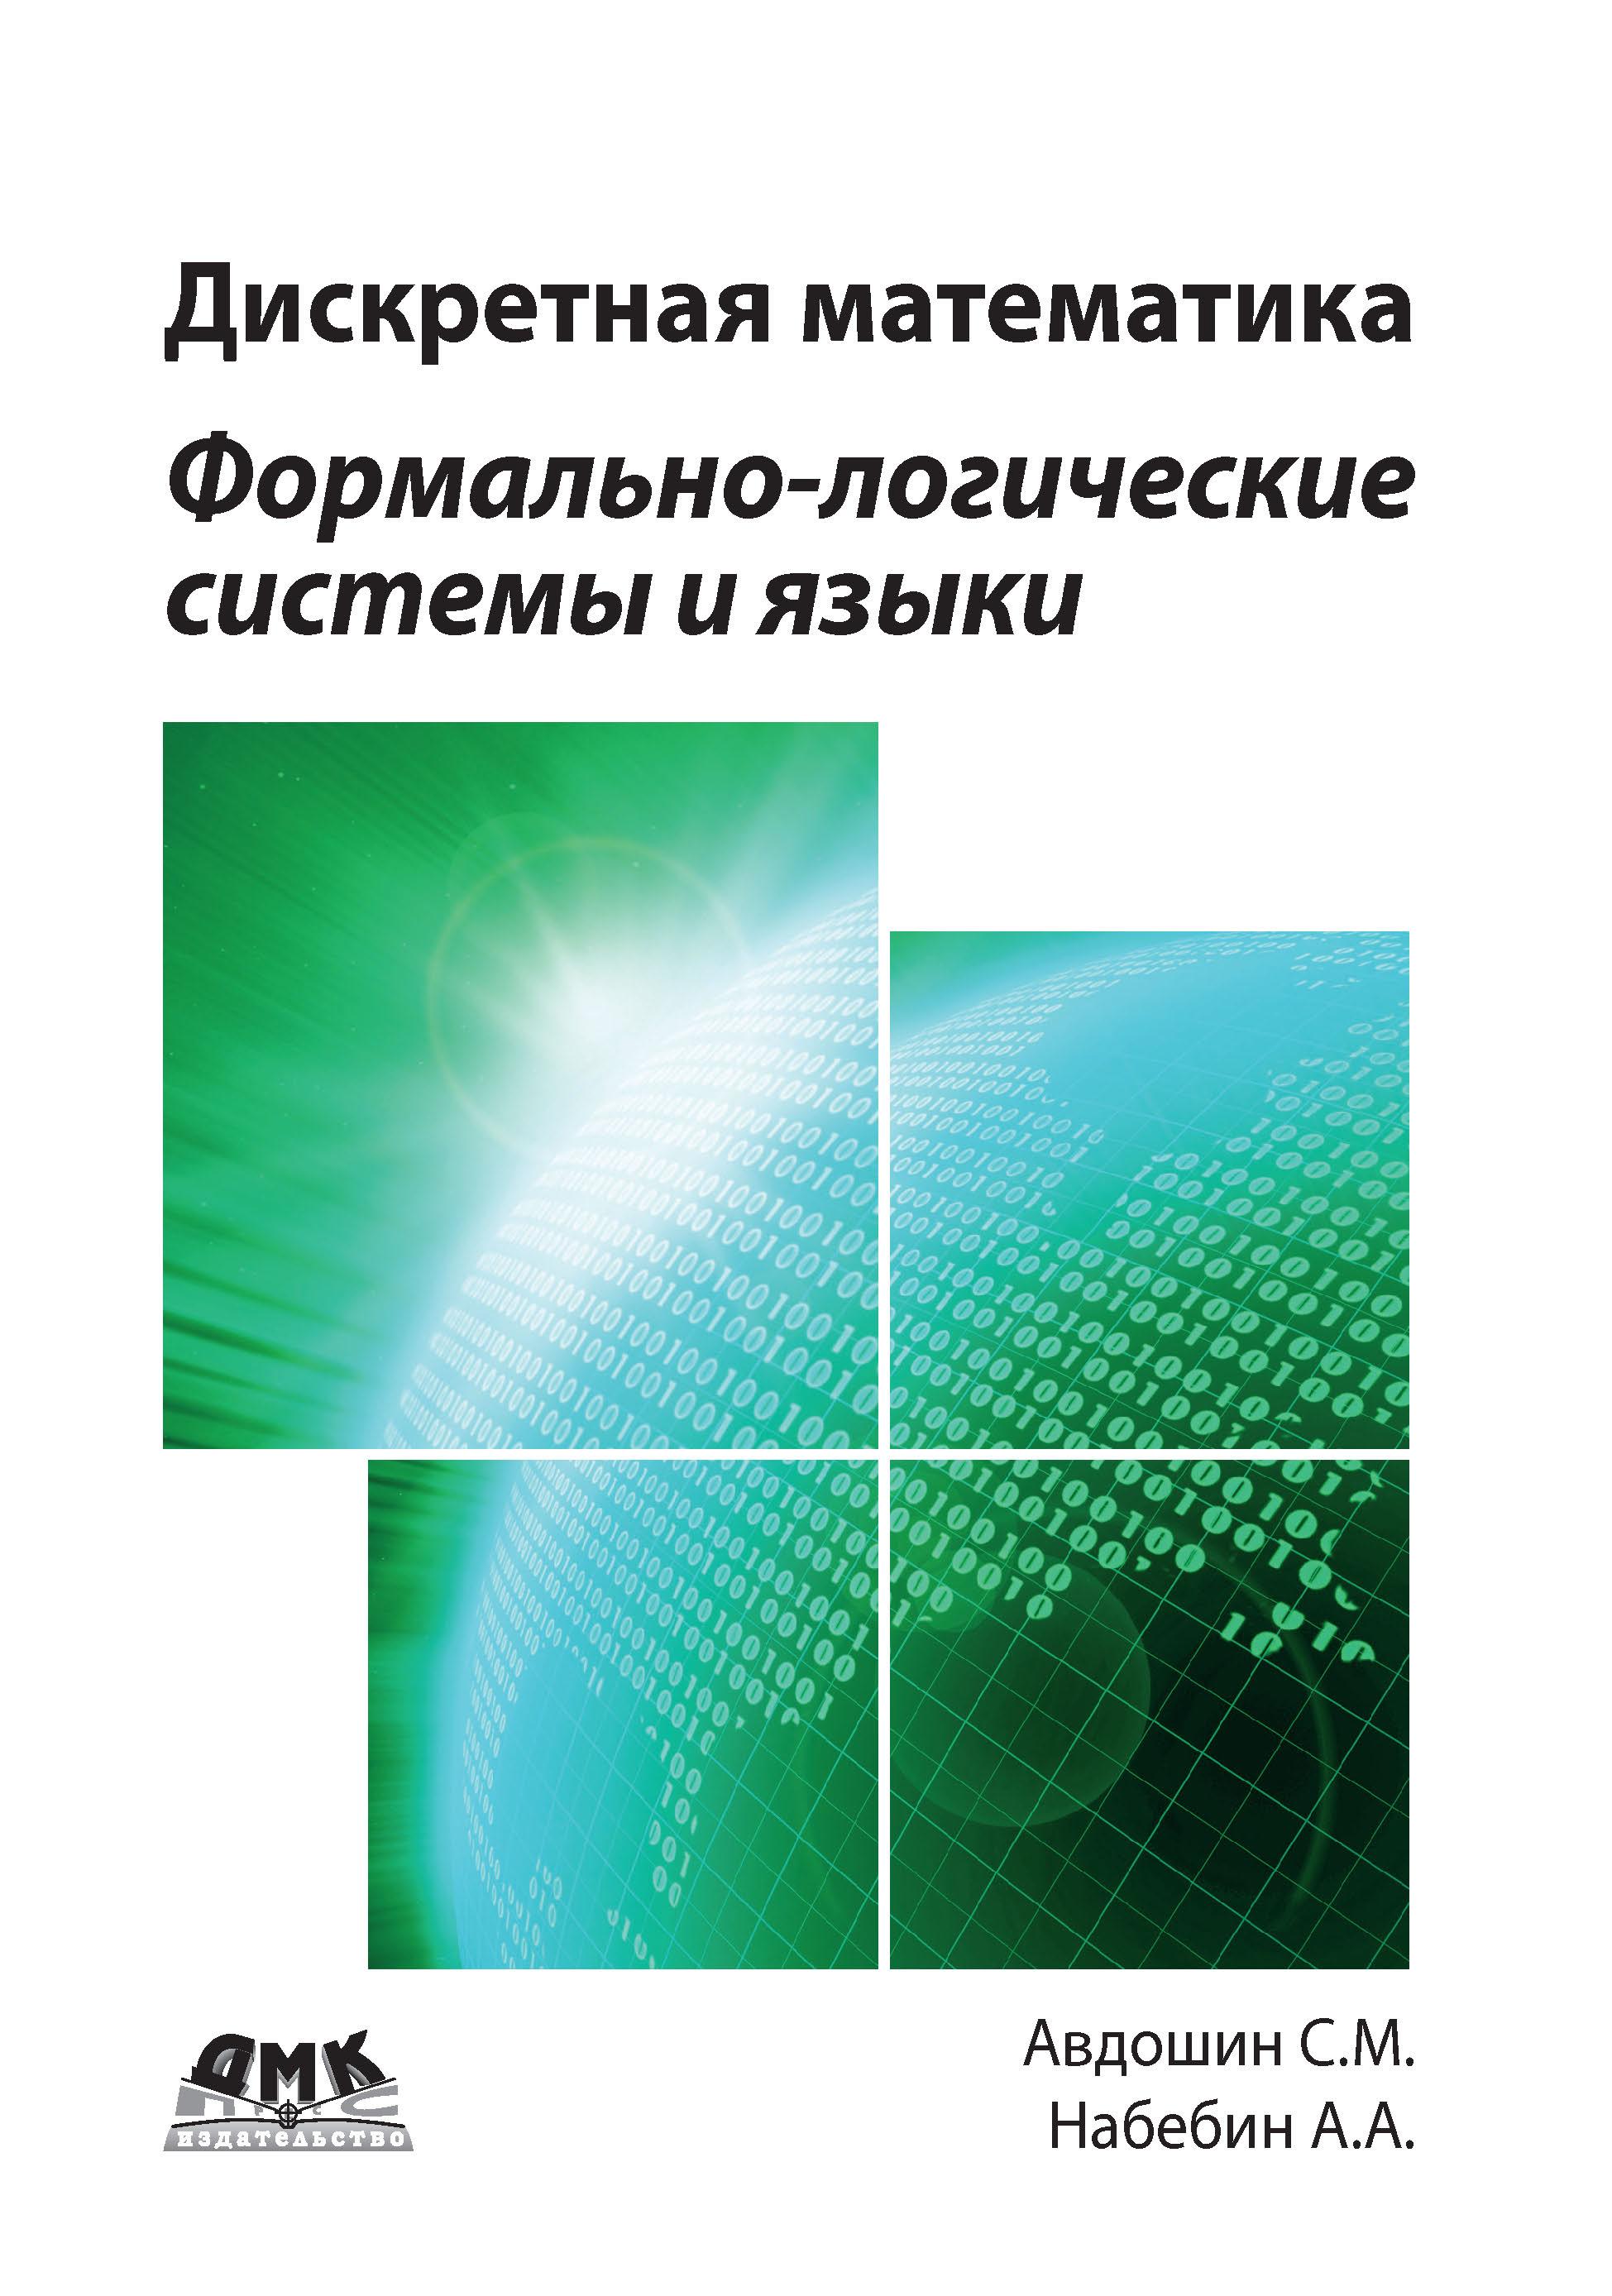 С. М. Авдошин Дискретная математика. Формально-логические системы и языки с м авдошин а а набебин дискретная математика формально логические системы и языки